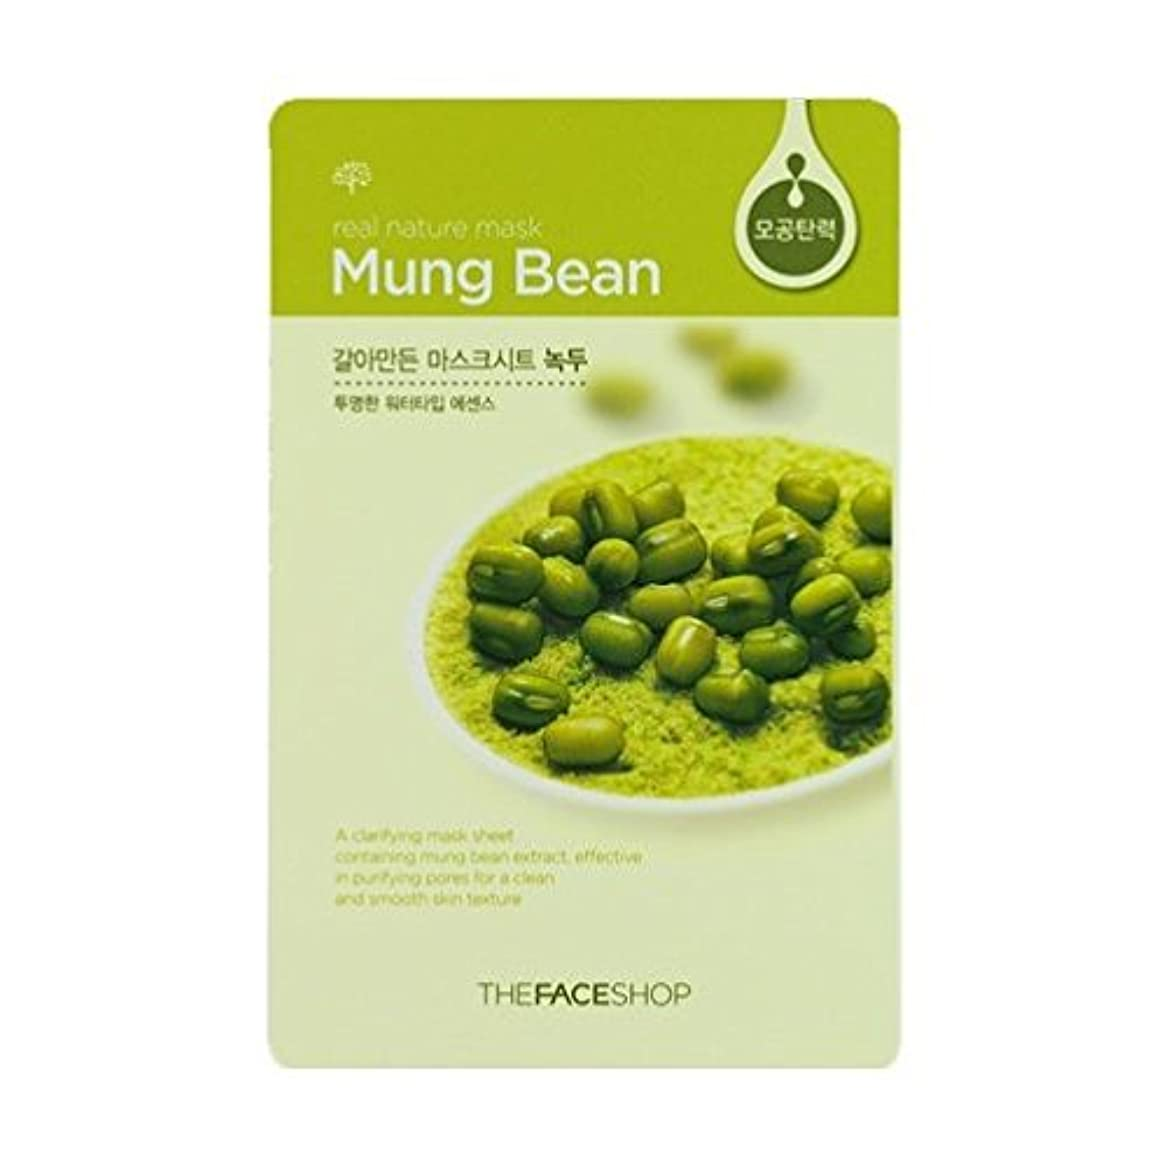 阻害するカンガルーカーフ[ザフェイスショップ] THE FACE SHOP [リアルナチュラル マスクシート] (Real Nature Mask Sheet) (Mask Sheet Mung Bean 30枚) [並行輸入品]